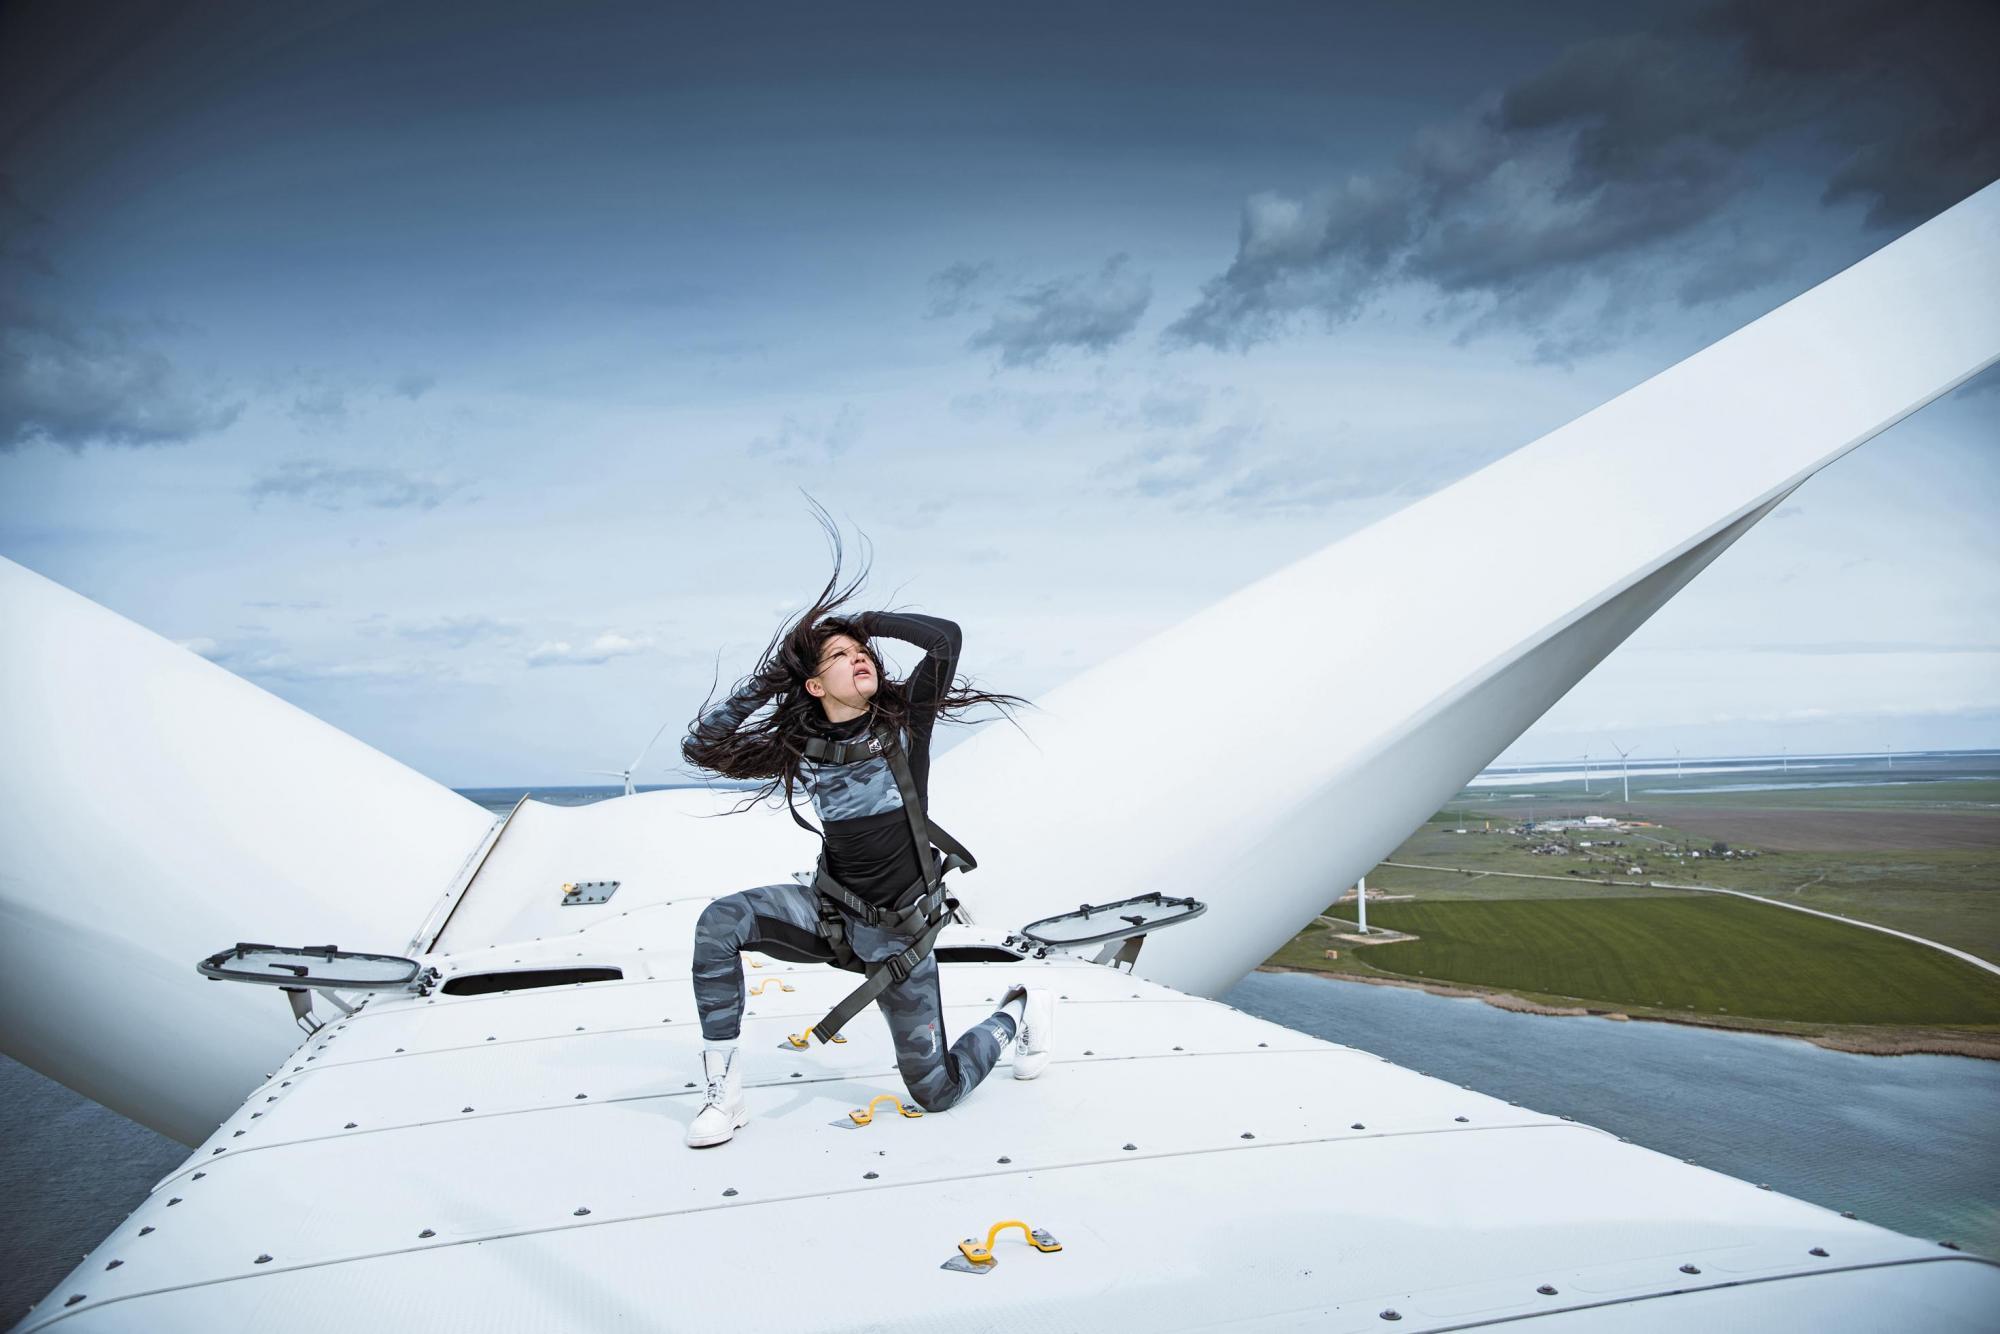 Певица Руслана получила 20 тыс. долларов за участие в информационной кампании Ахметова за зеленую энергетику, – СМИ